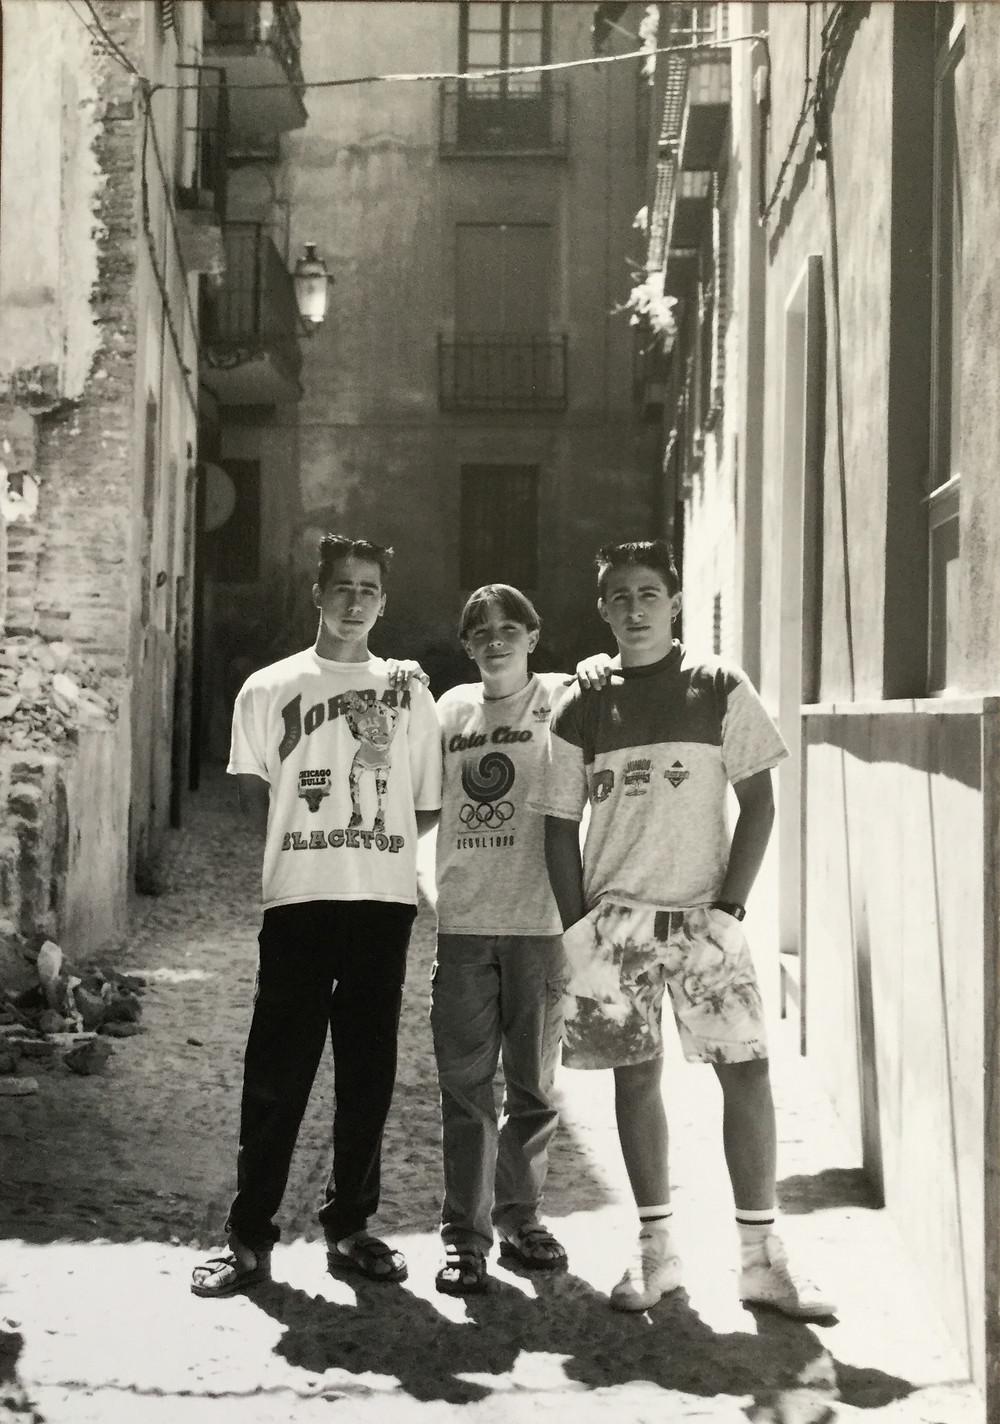 スペイン、コルドバ(多分w)の路上で。シノゴを三脚に付け担いで歩いているのが珍しかったのか少年たちが声をかけてきた。 その場でポラをあげてフイルムでも撮影。